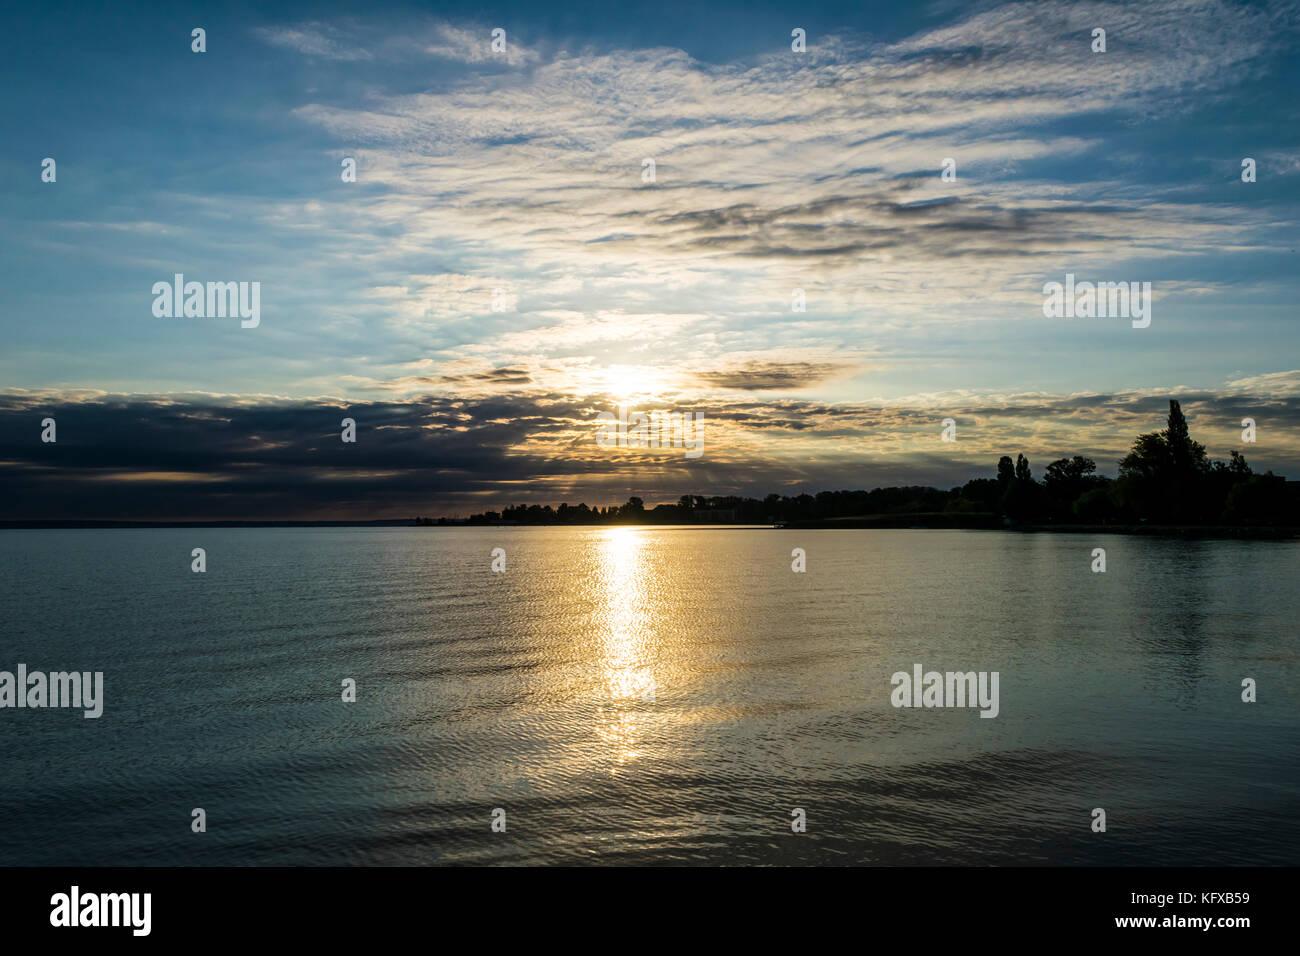 Bellos Amaneceres Sobre El Lago El Sol Brilla A Través De La